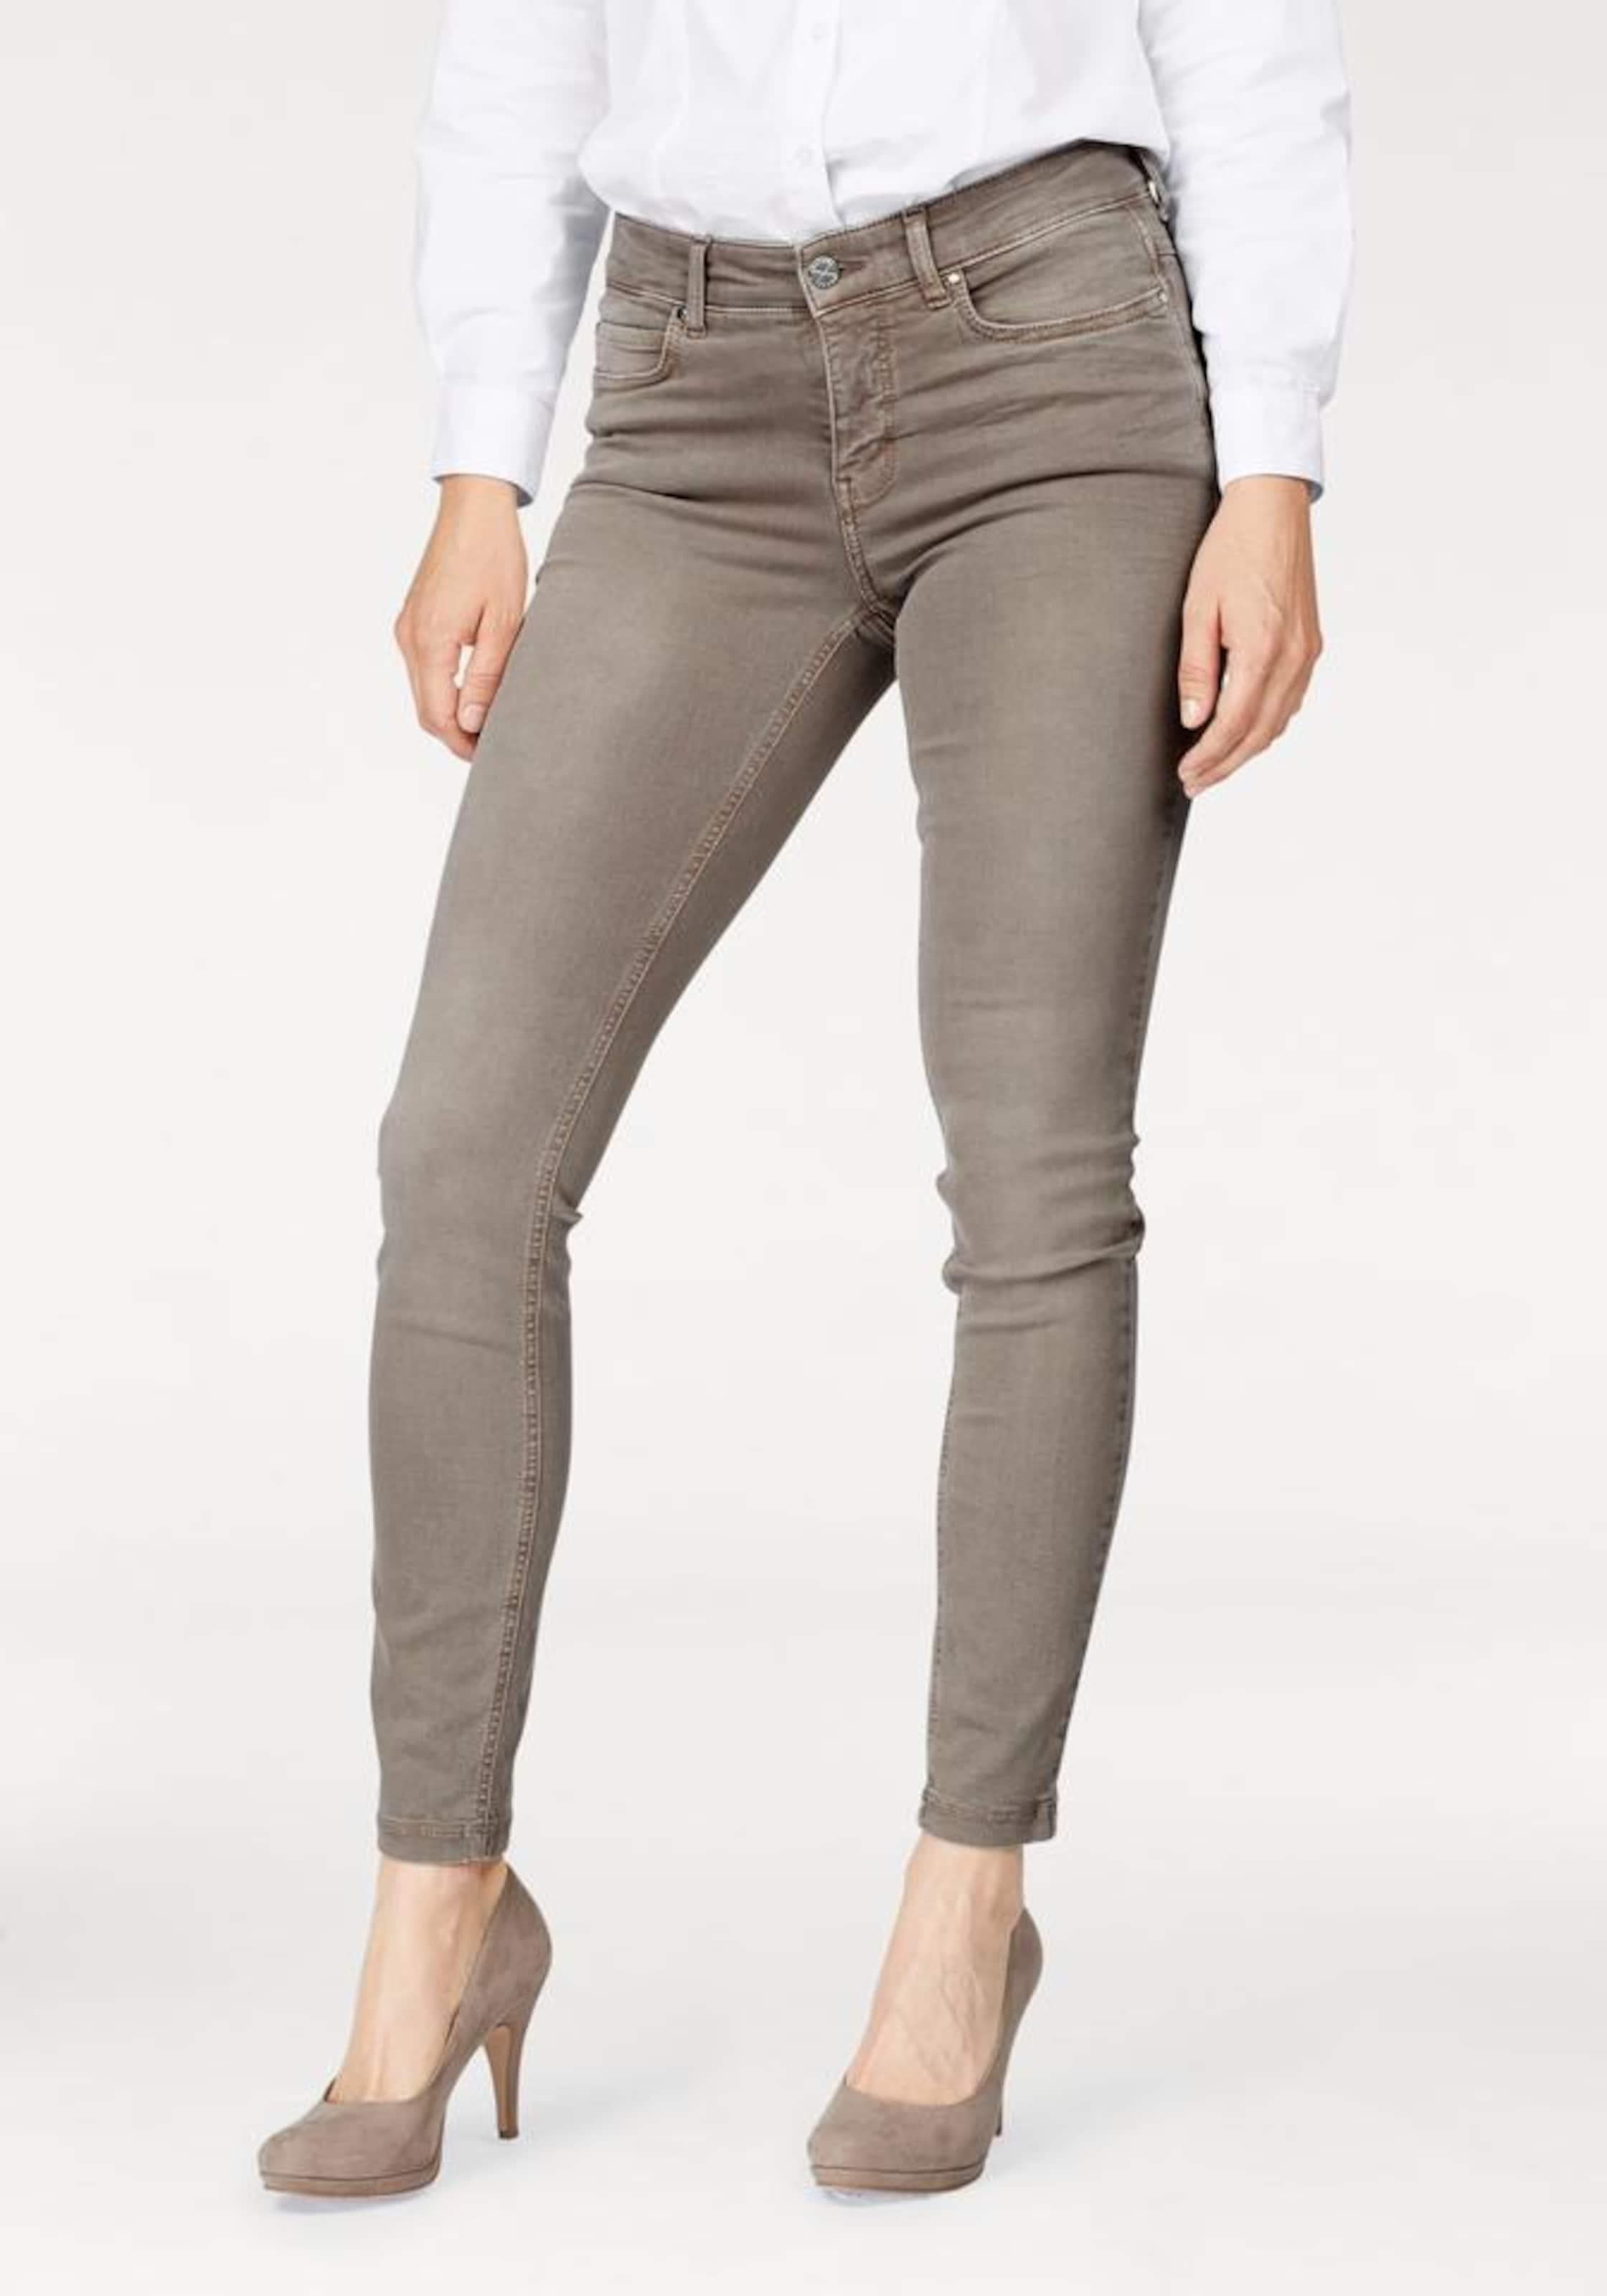 MAC Gerade Jeans 'Dream Skinny' Kaufen Authentische Online Factory Outlet Günstig Online QwKH2E